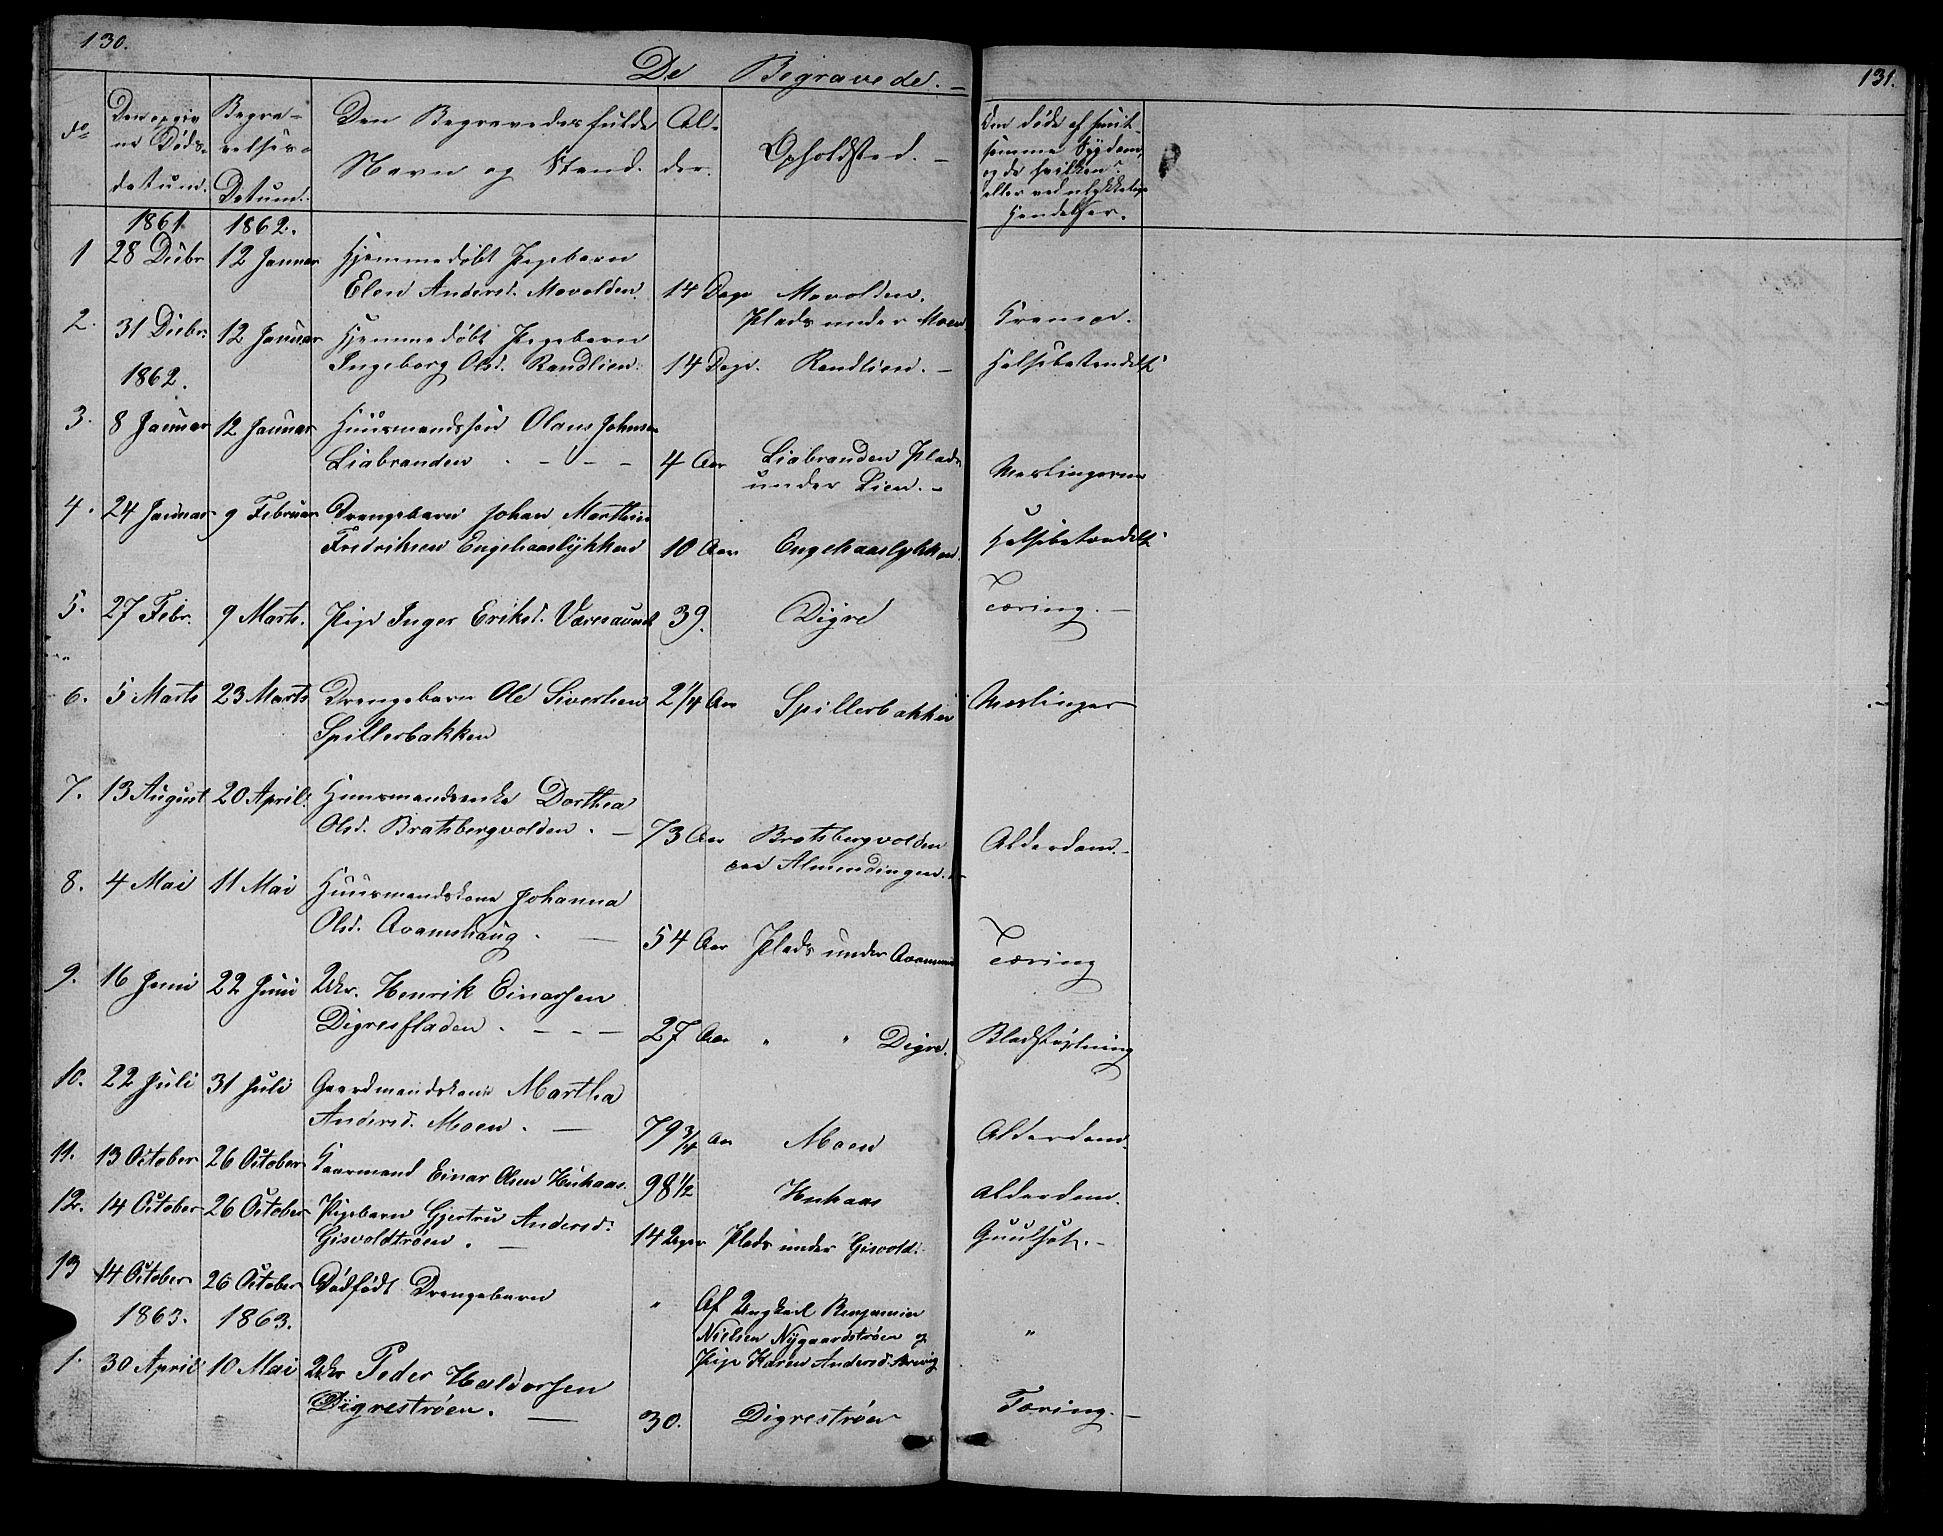 SAT, Ministerialprotokoller, klokkerbøker og fødselsregistre - Sør-Trøndelag, 608/L0339: Klokkerbok nr. 608C05, 1844-1863, s. 130-131